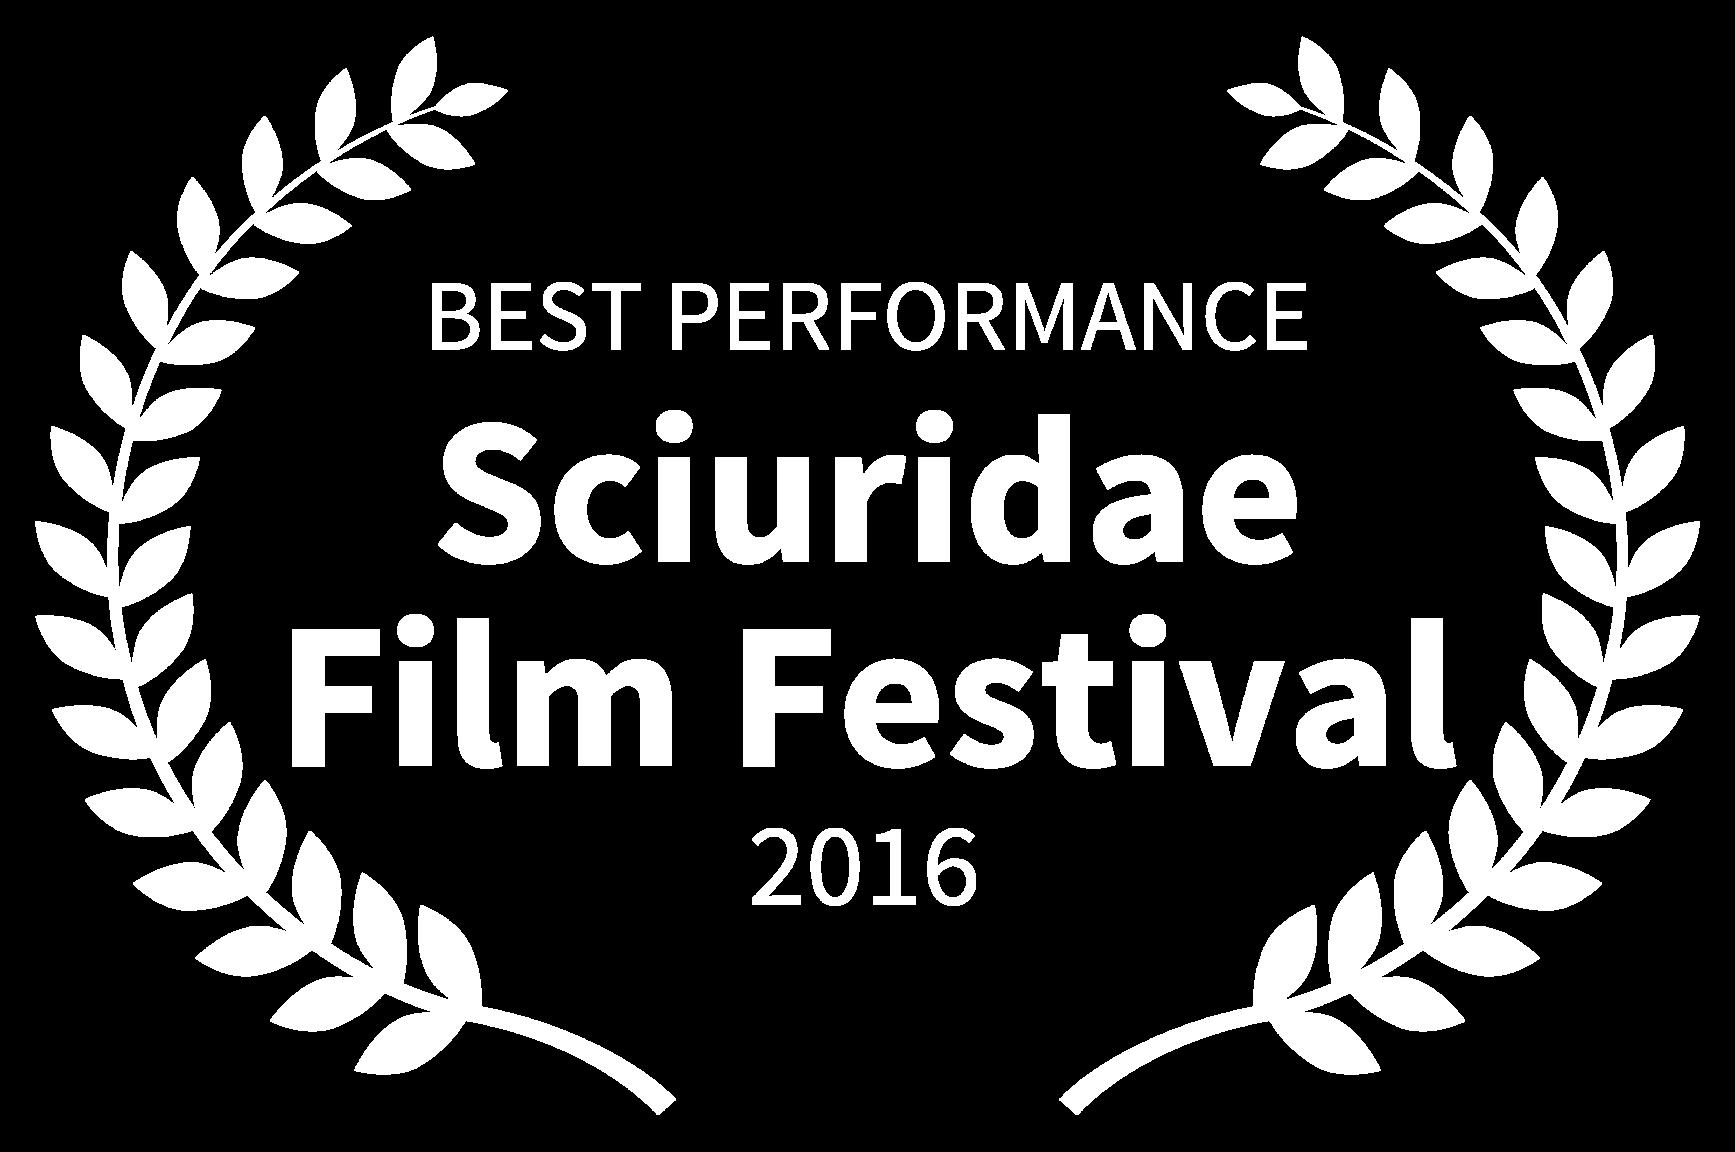 BEST PERFORMANCE - Sciuridae Film Festival - 2016